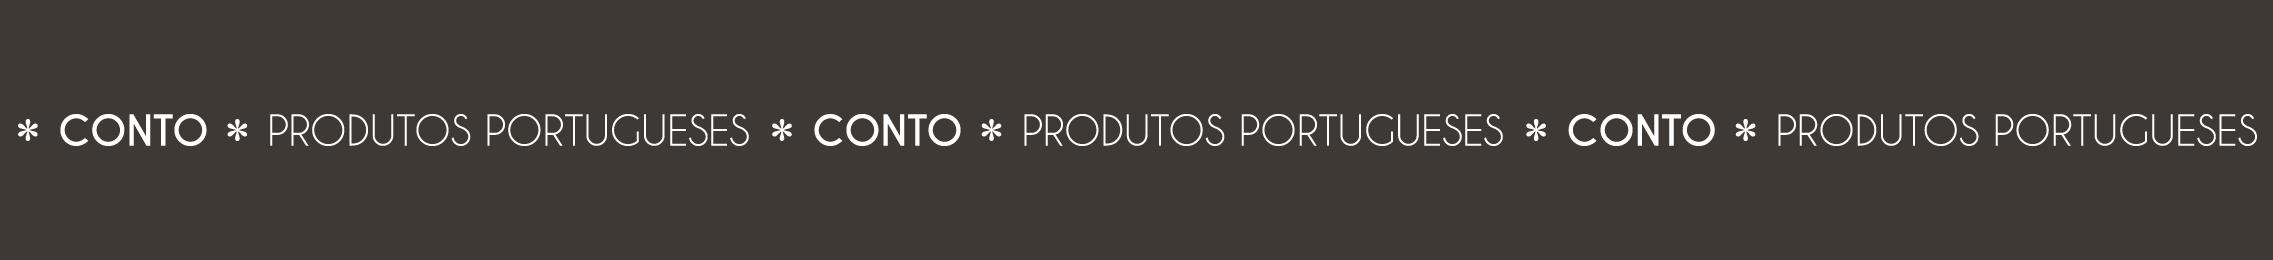 https://conto.pt/wp-content/uploads/2019/08/2mobile-autocolante.png